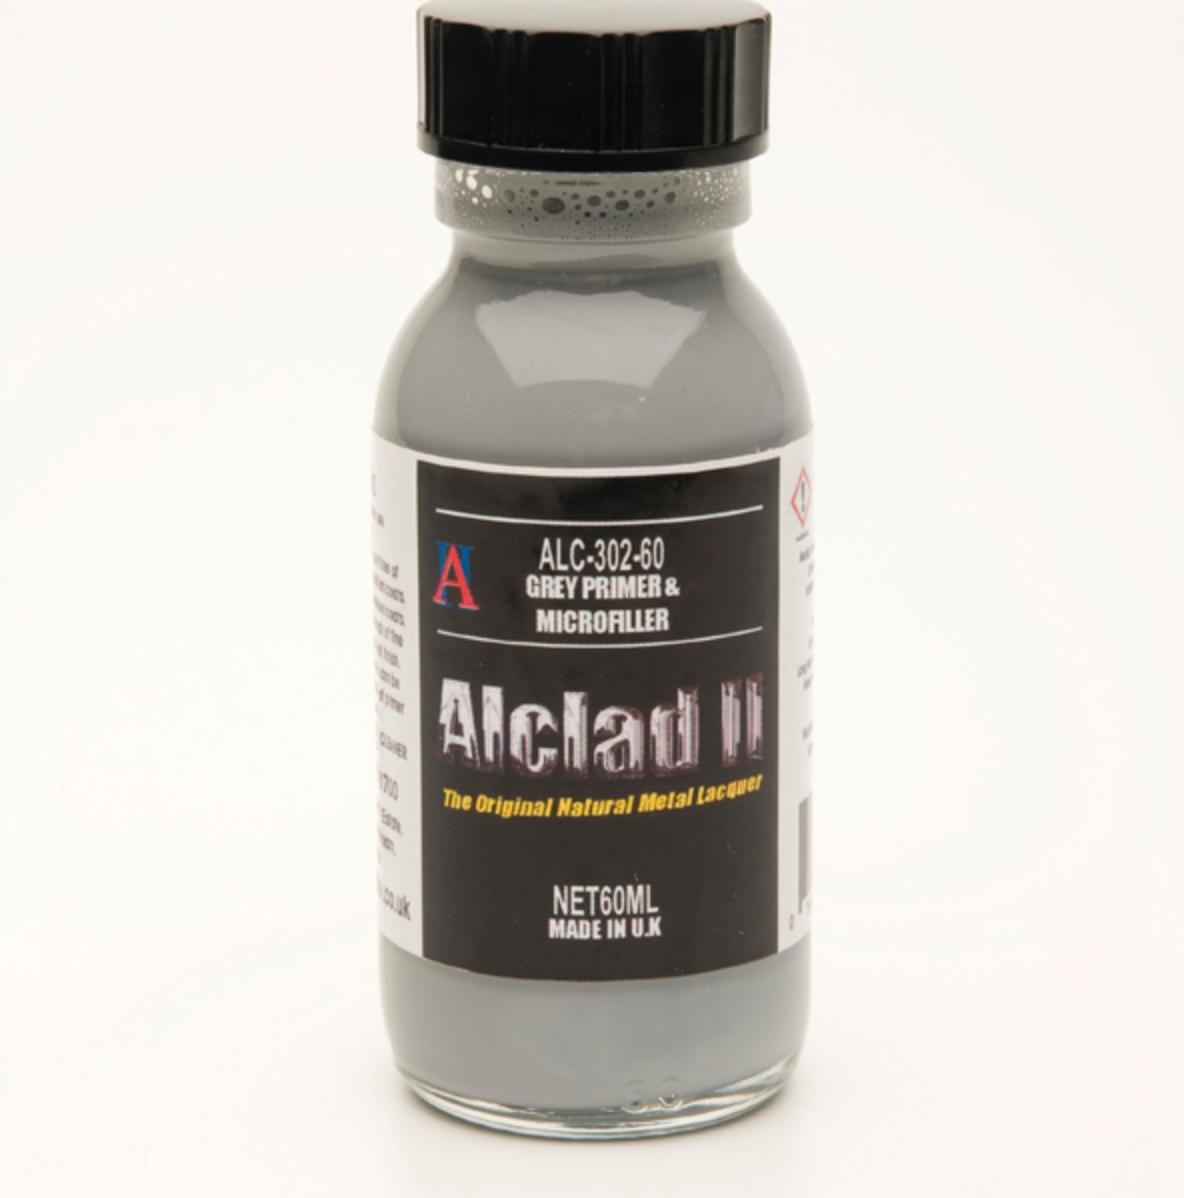 ALC302-60